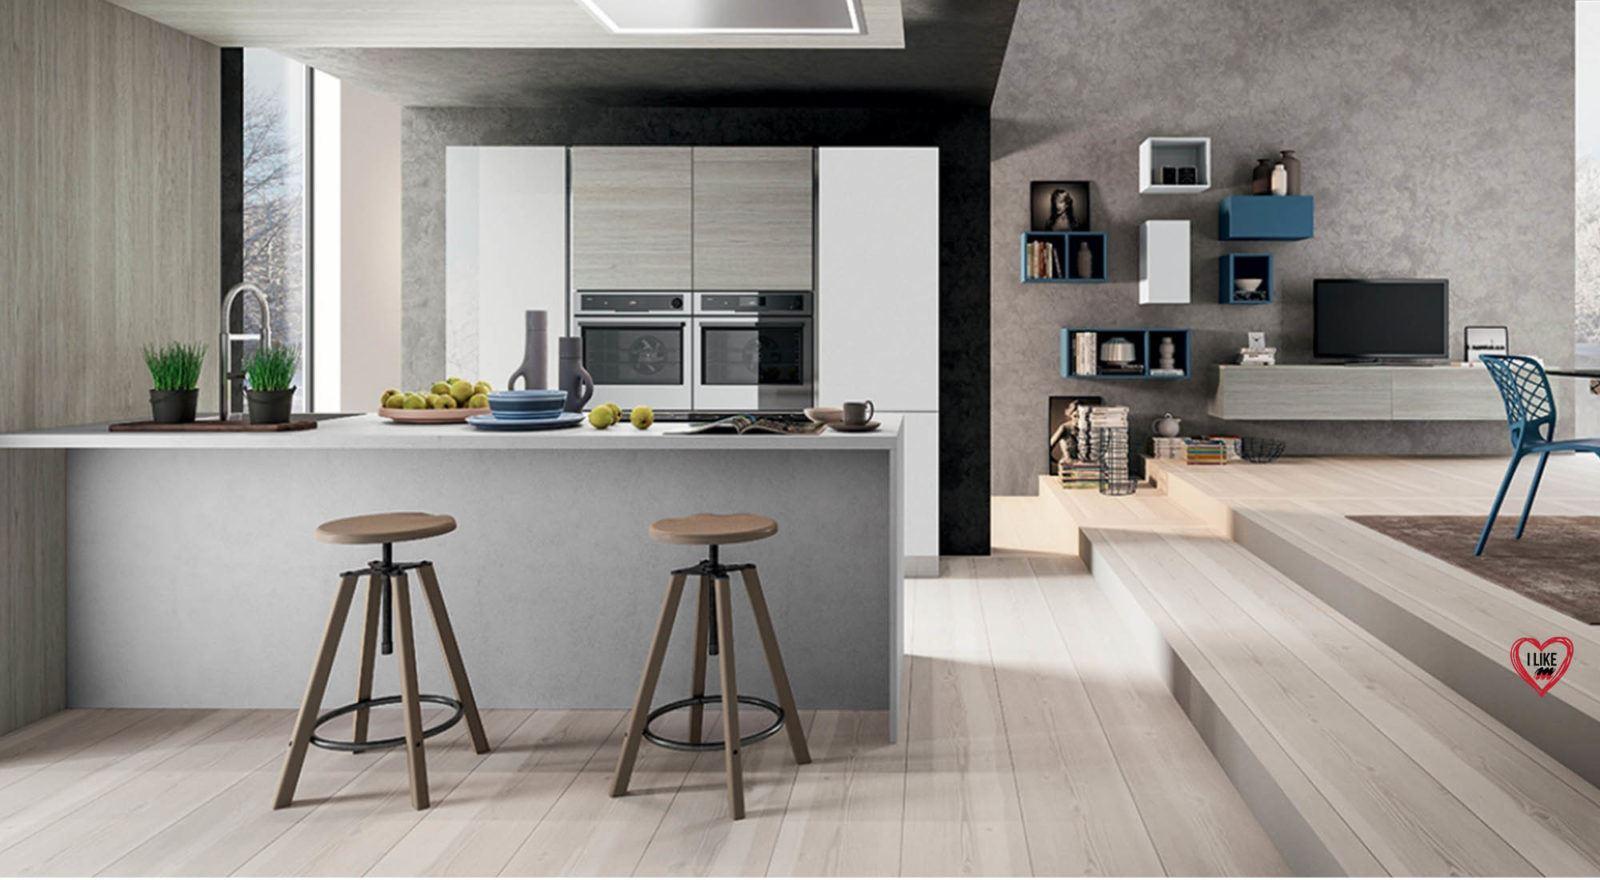 Cucine su misura a padova progettazione personalizzata - Cucine su misura ...